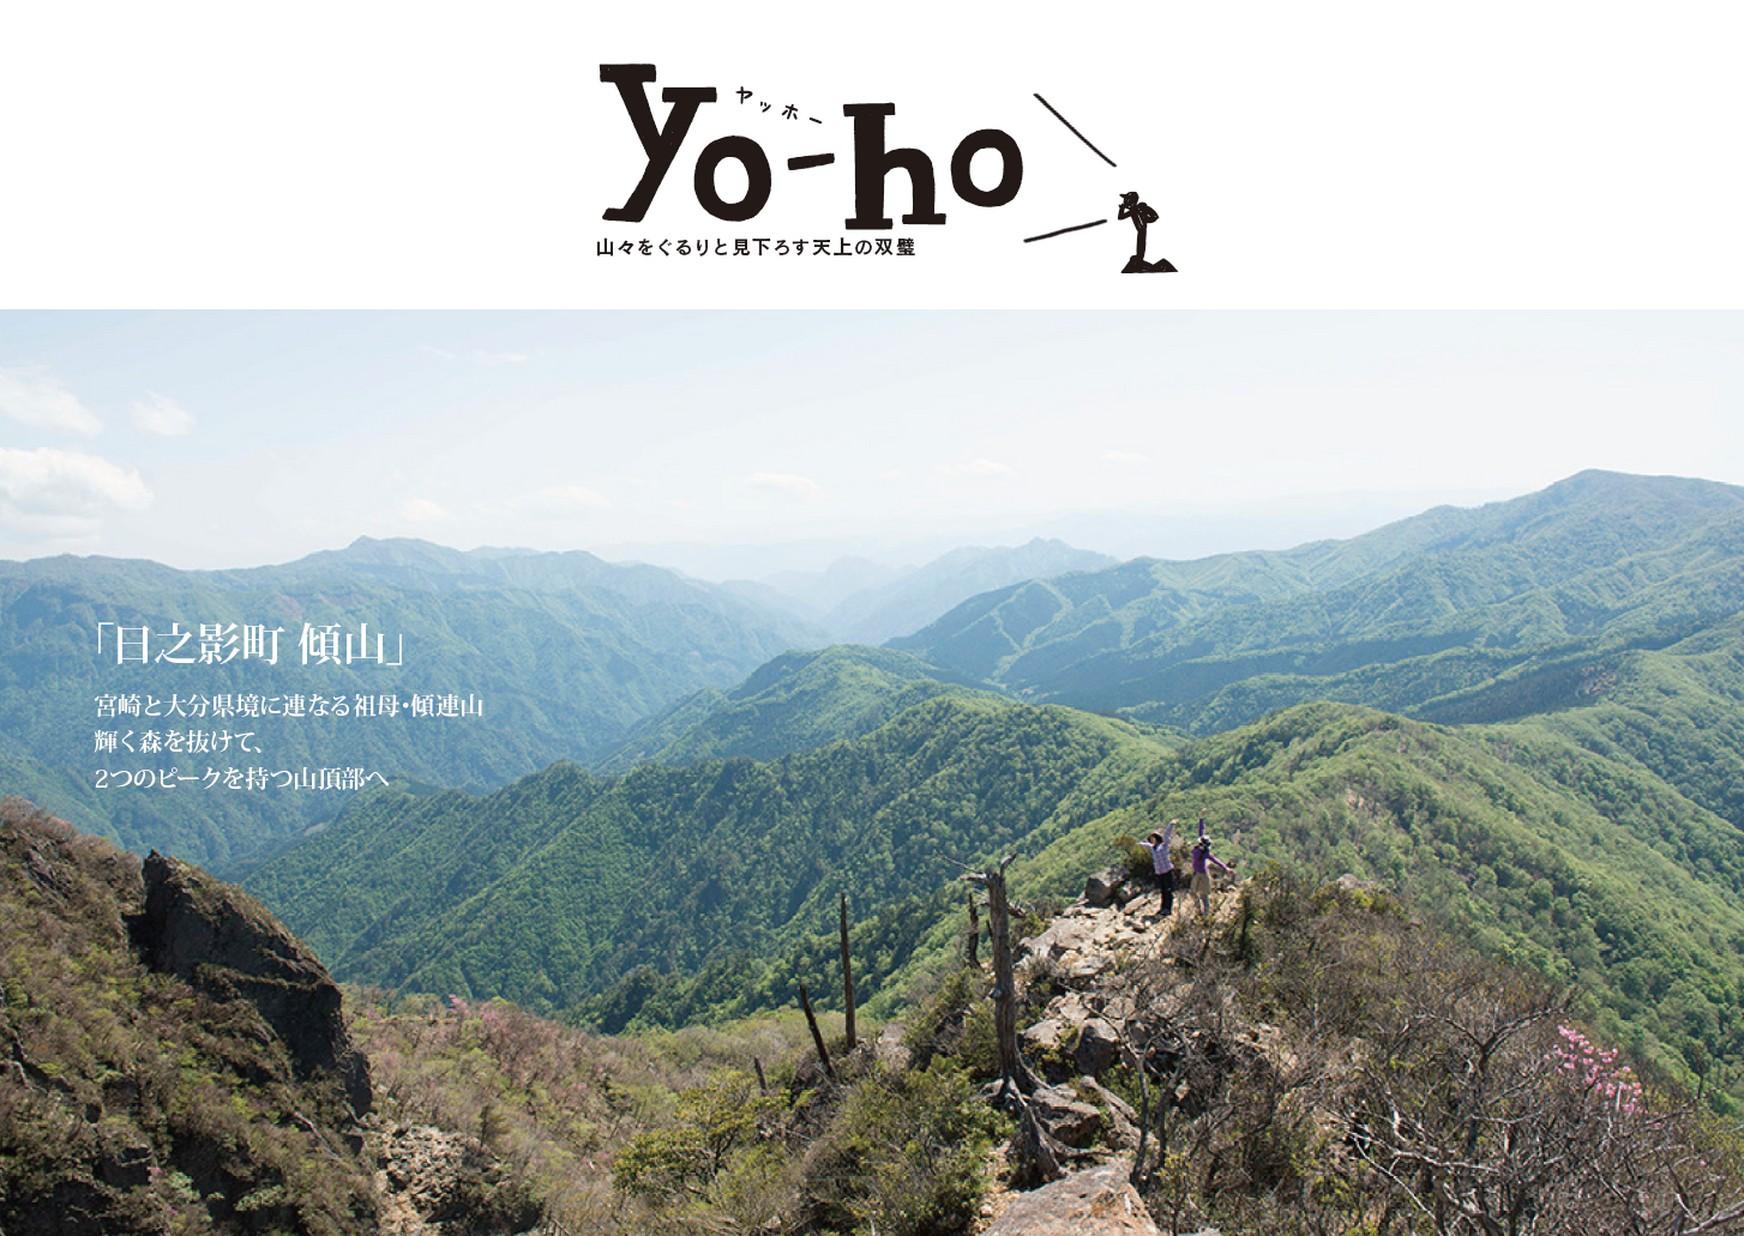 みやざきの登山誌「yo-ho」日之影町 傾山